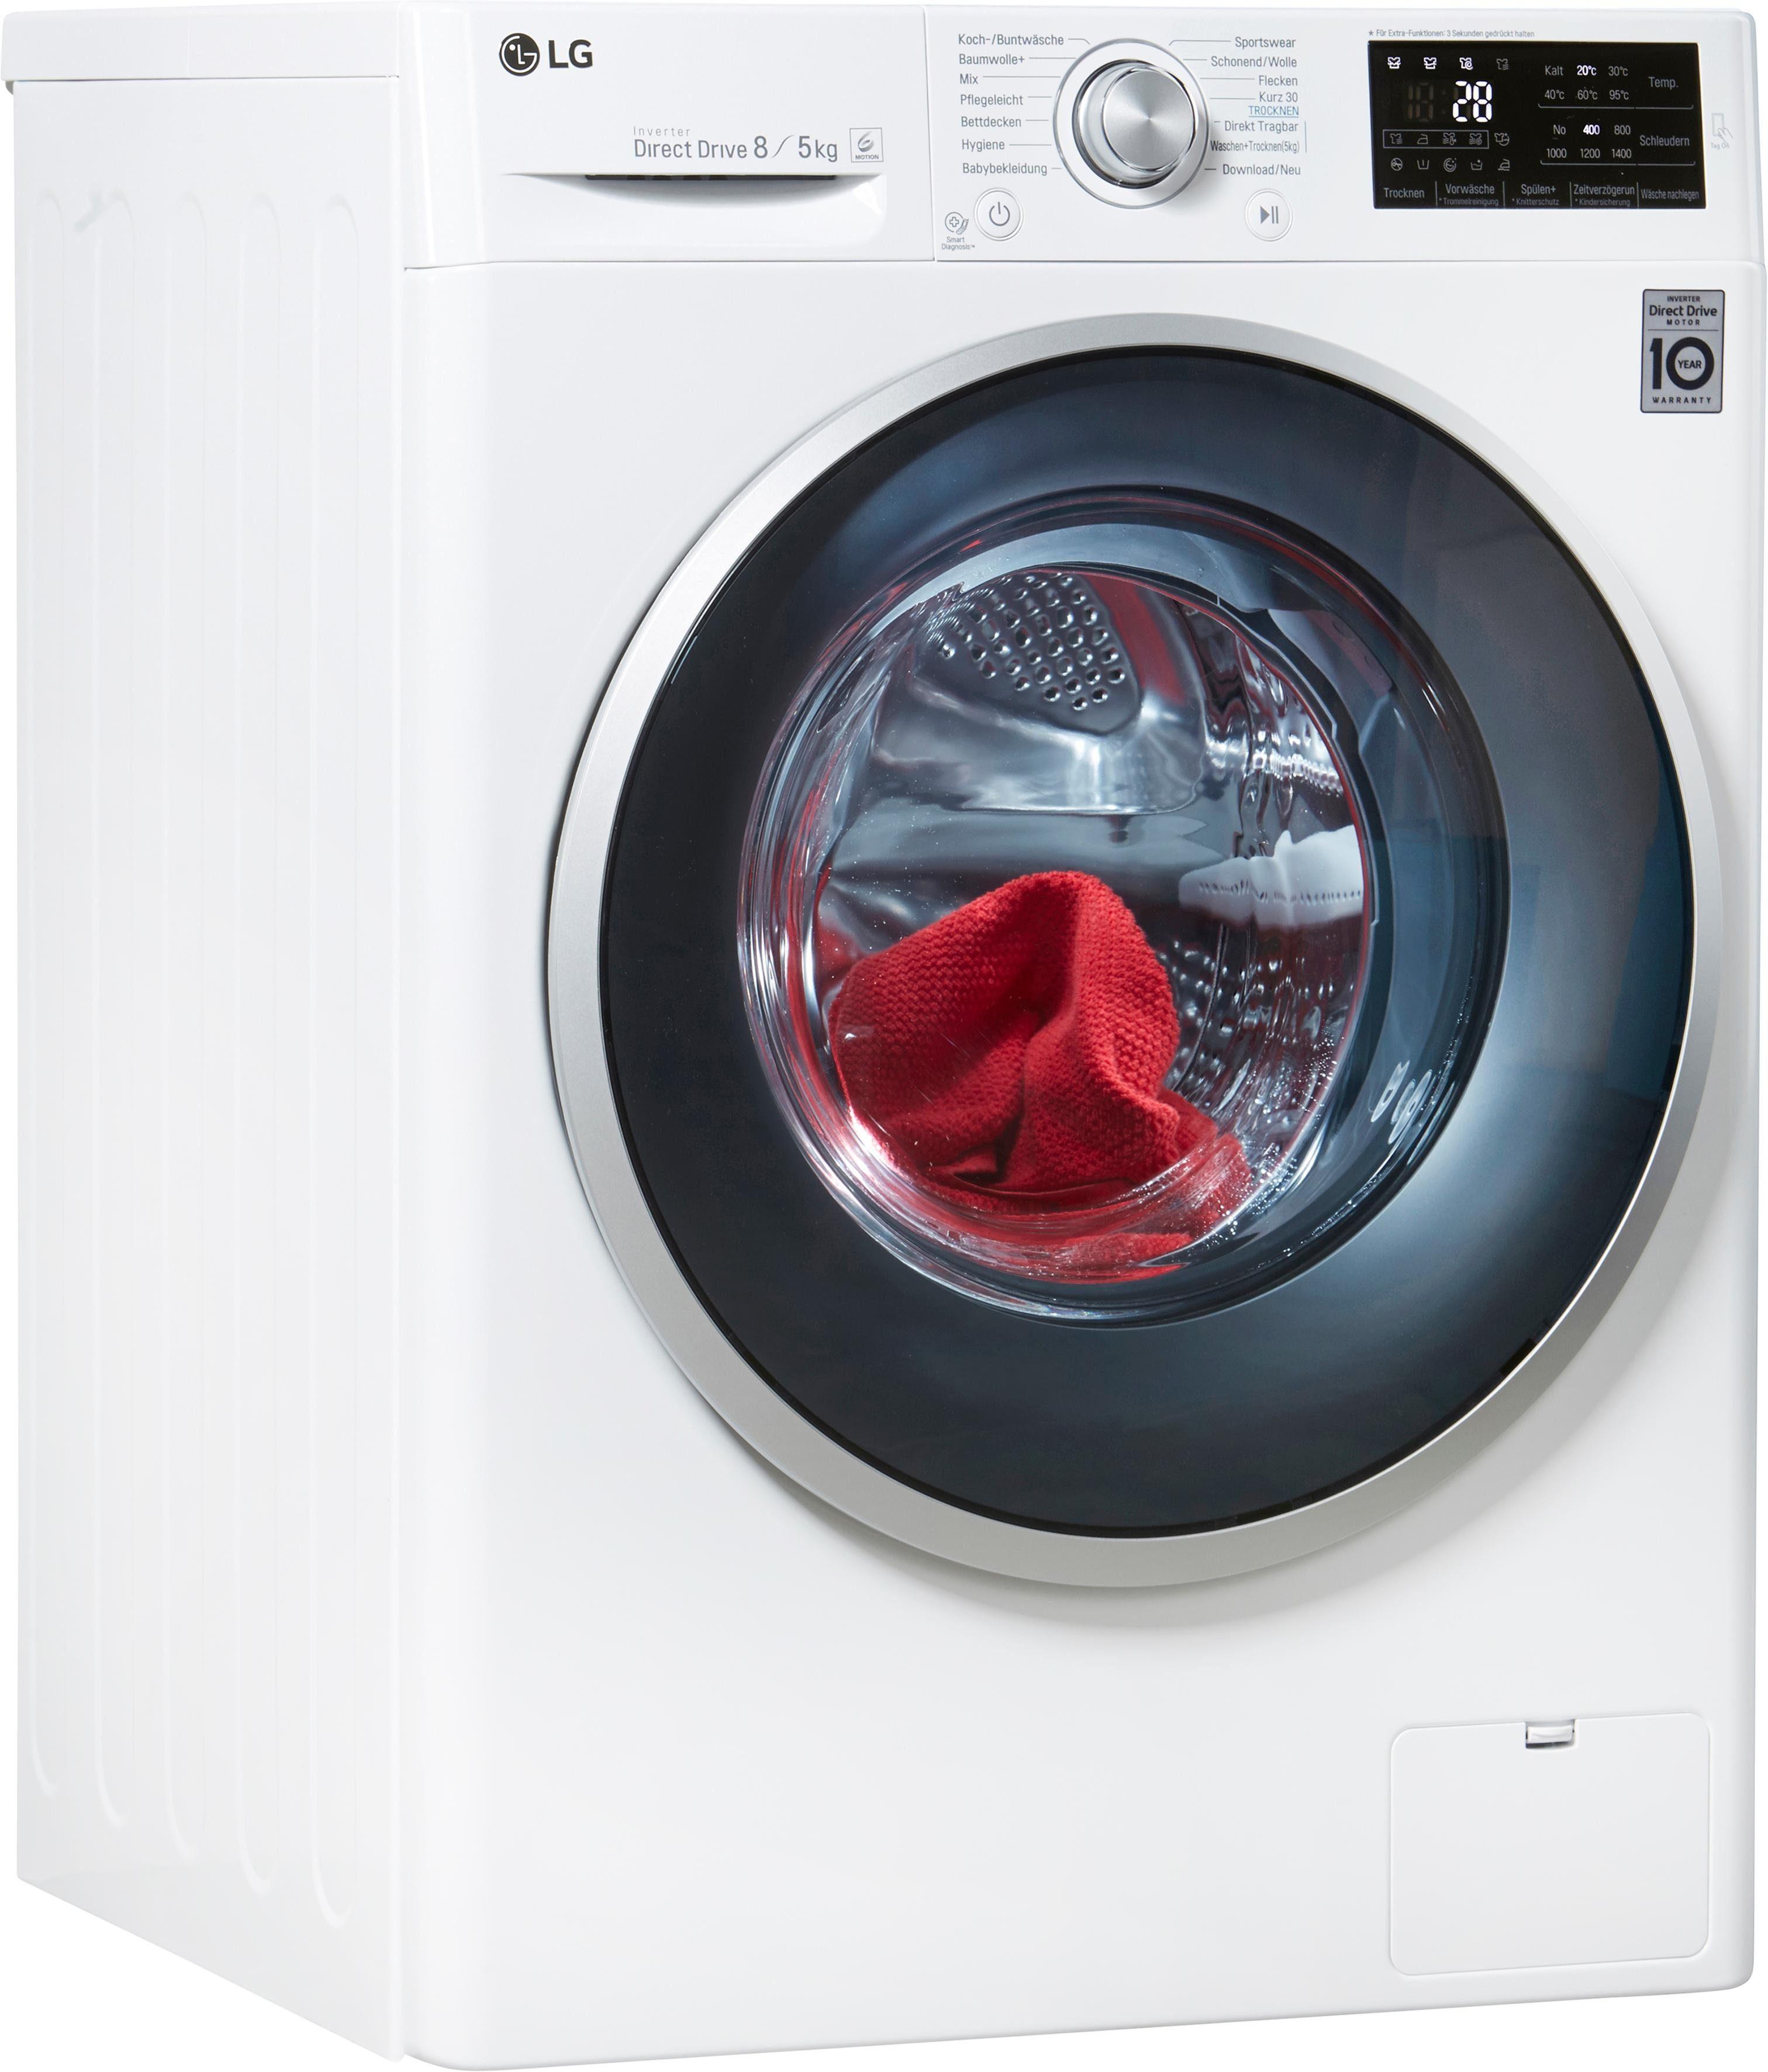 LG Waschtrockner 5 F14WD85TN1, 8 kg / 5 kg, 1400 U/Min